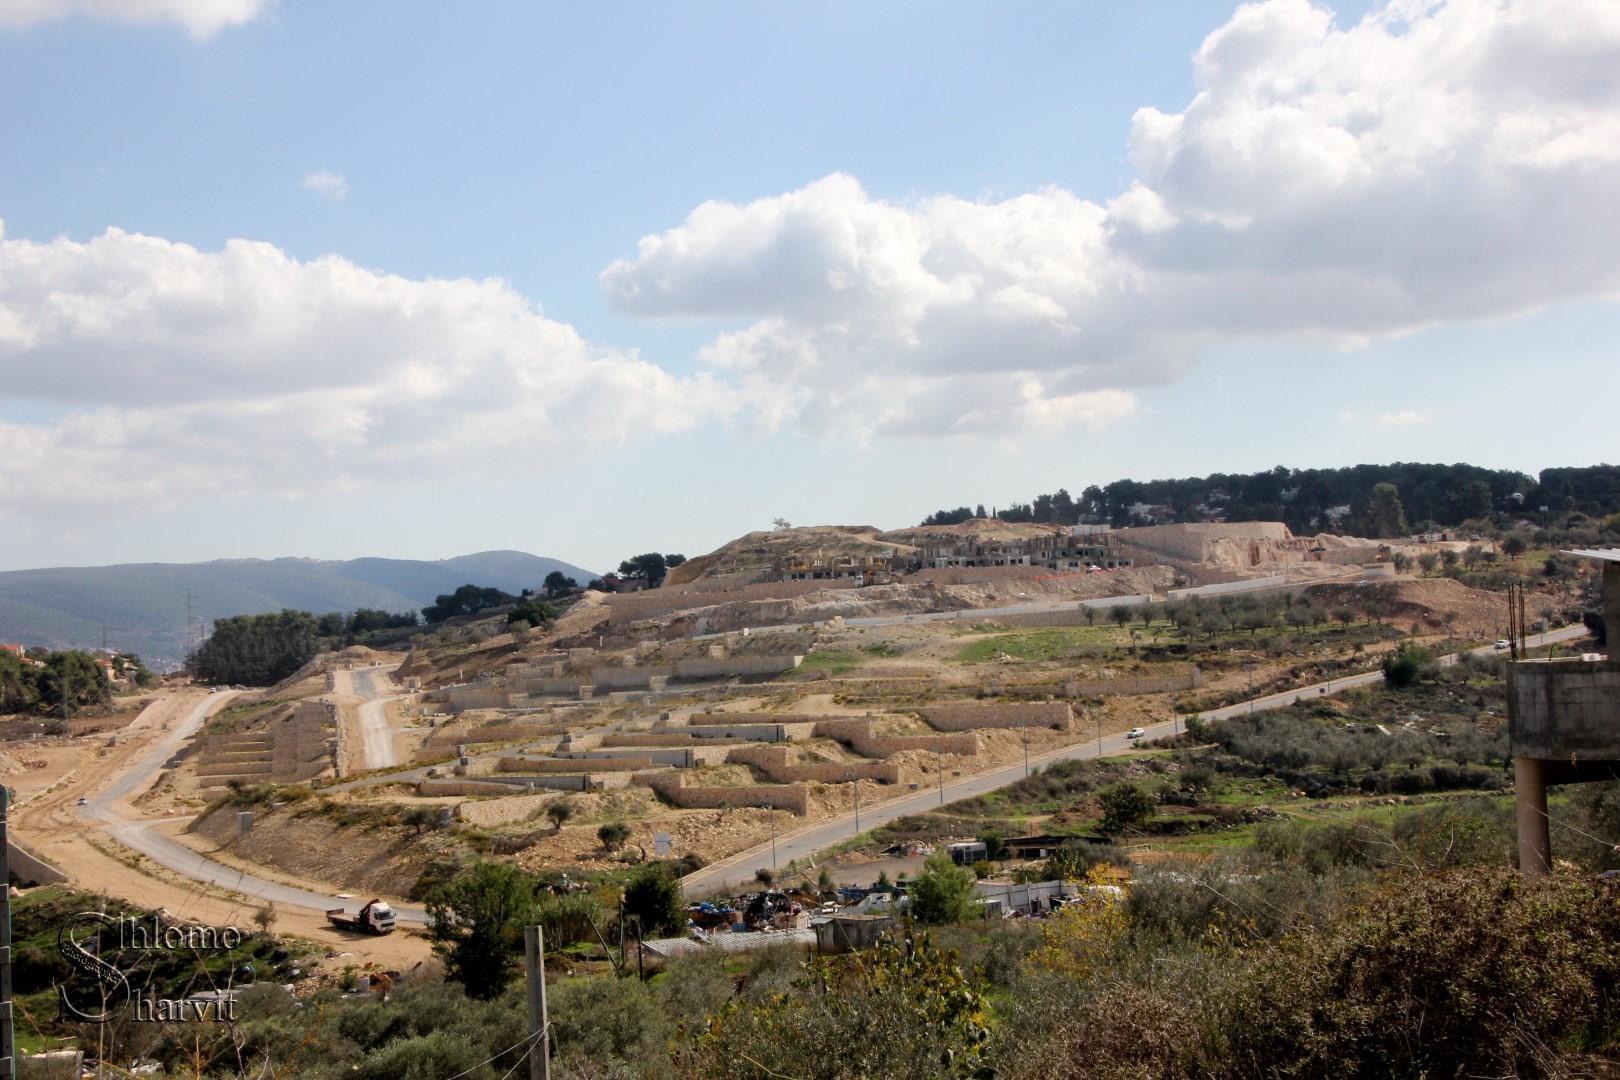 שכונת אורנים במעלות תרשיחא (צילום: שלמה שרביט) (צילום: שלמה שרביט)